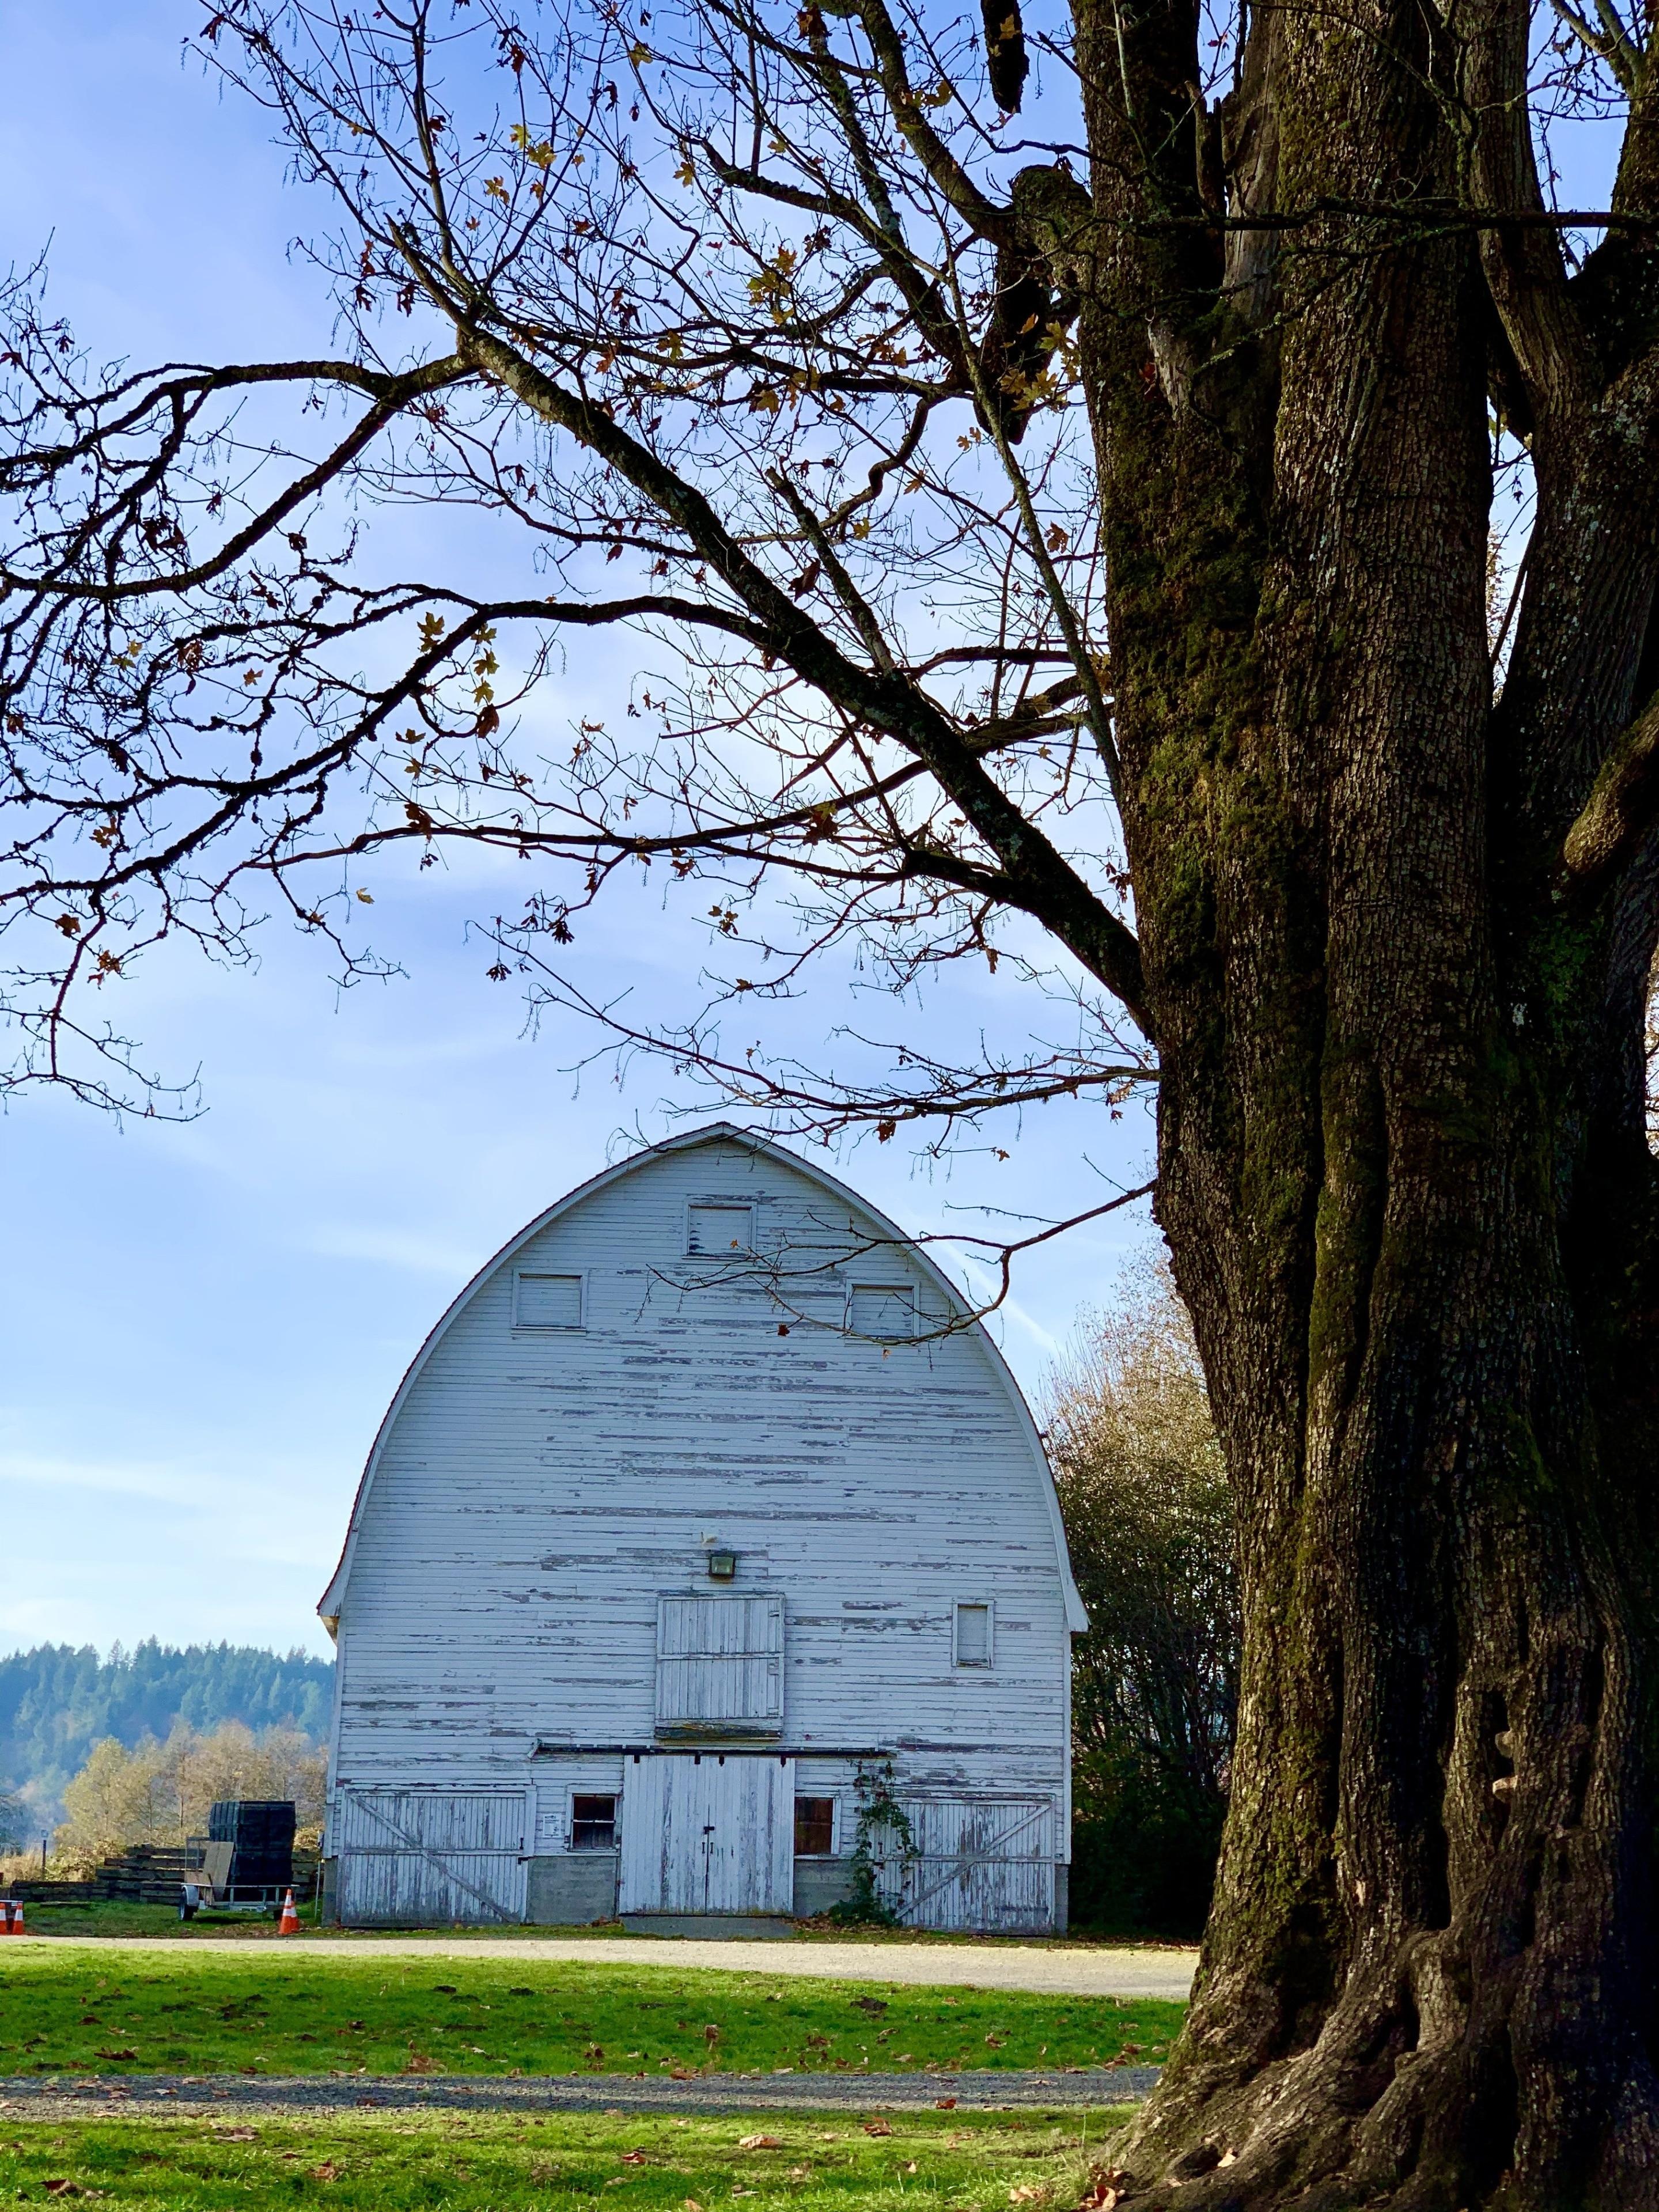 Lacey, Washington, United States of America